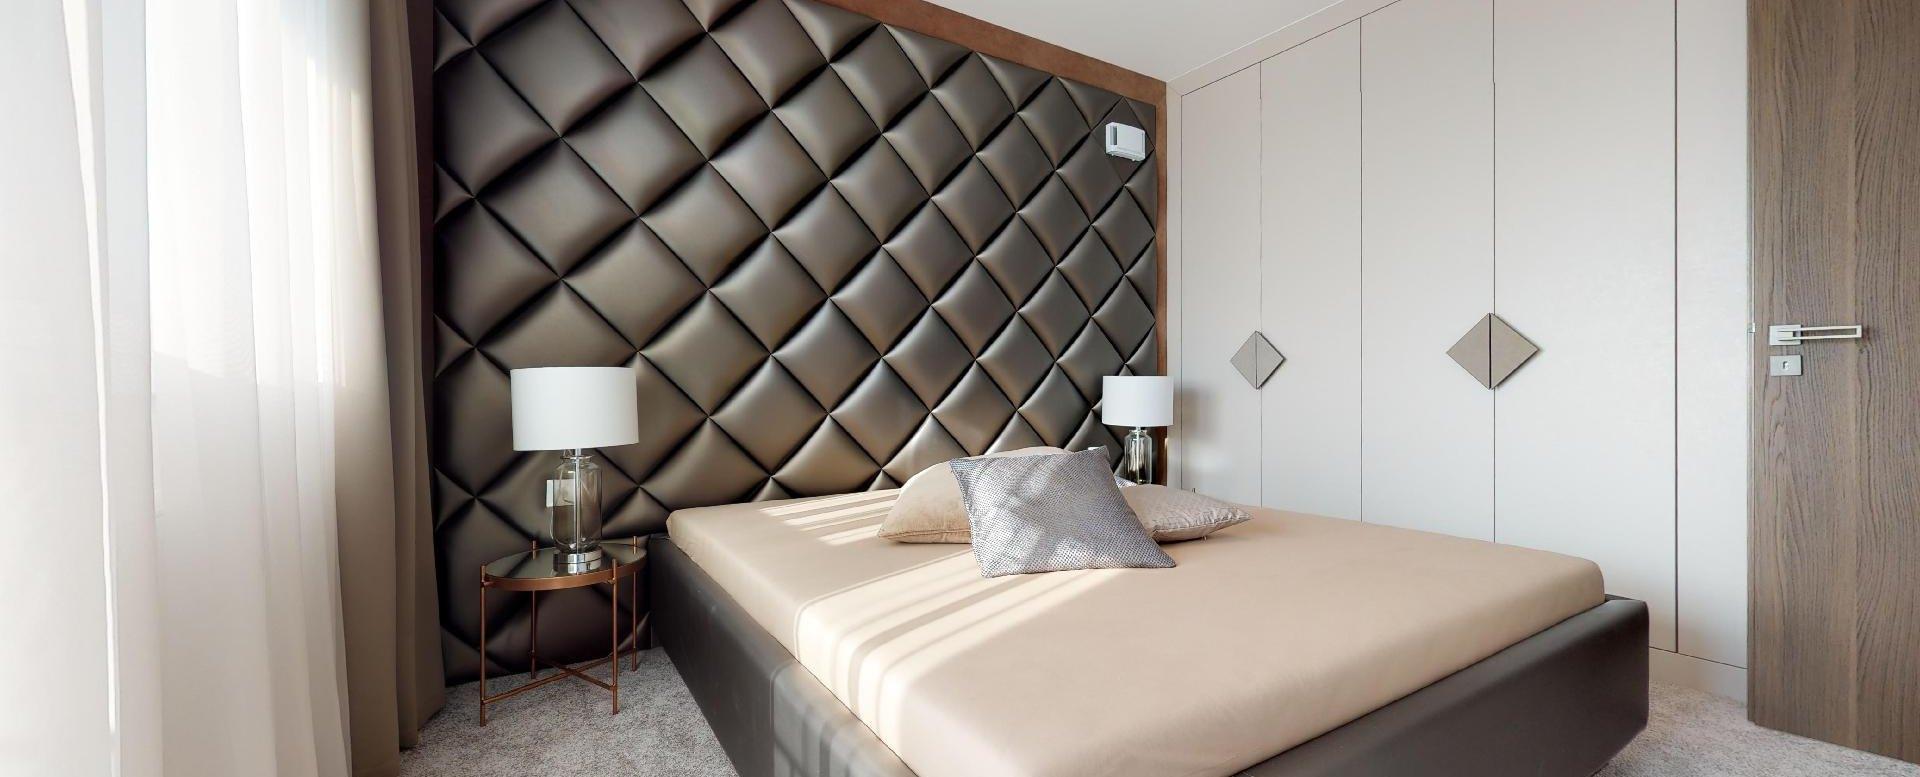 moderná spálňa s manželskou postelou